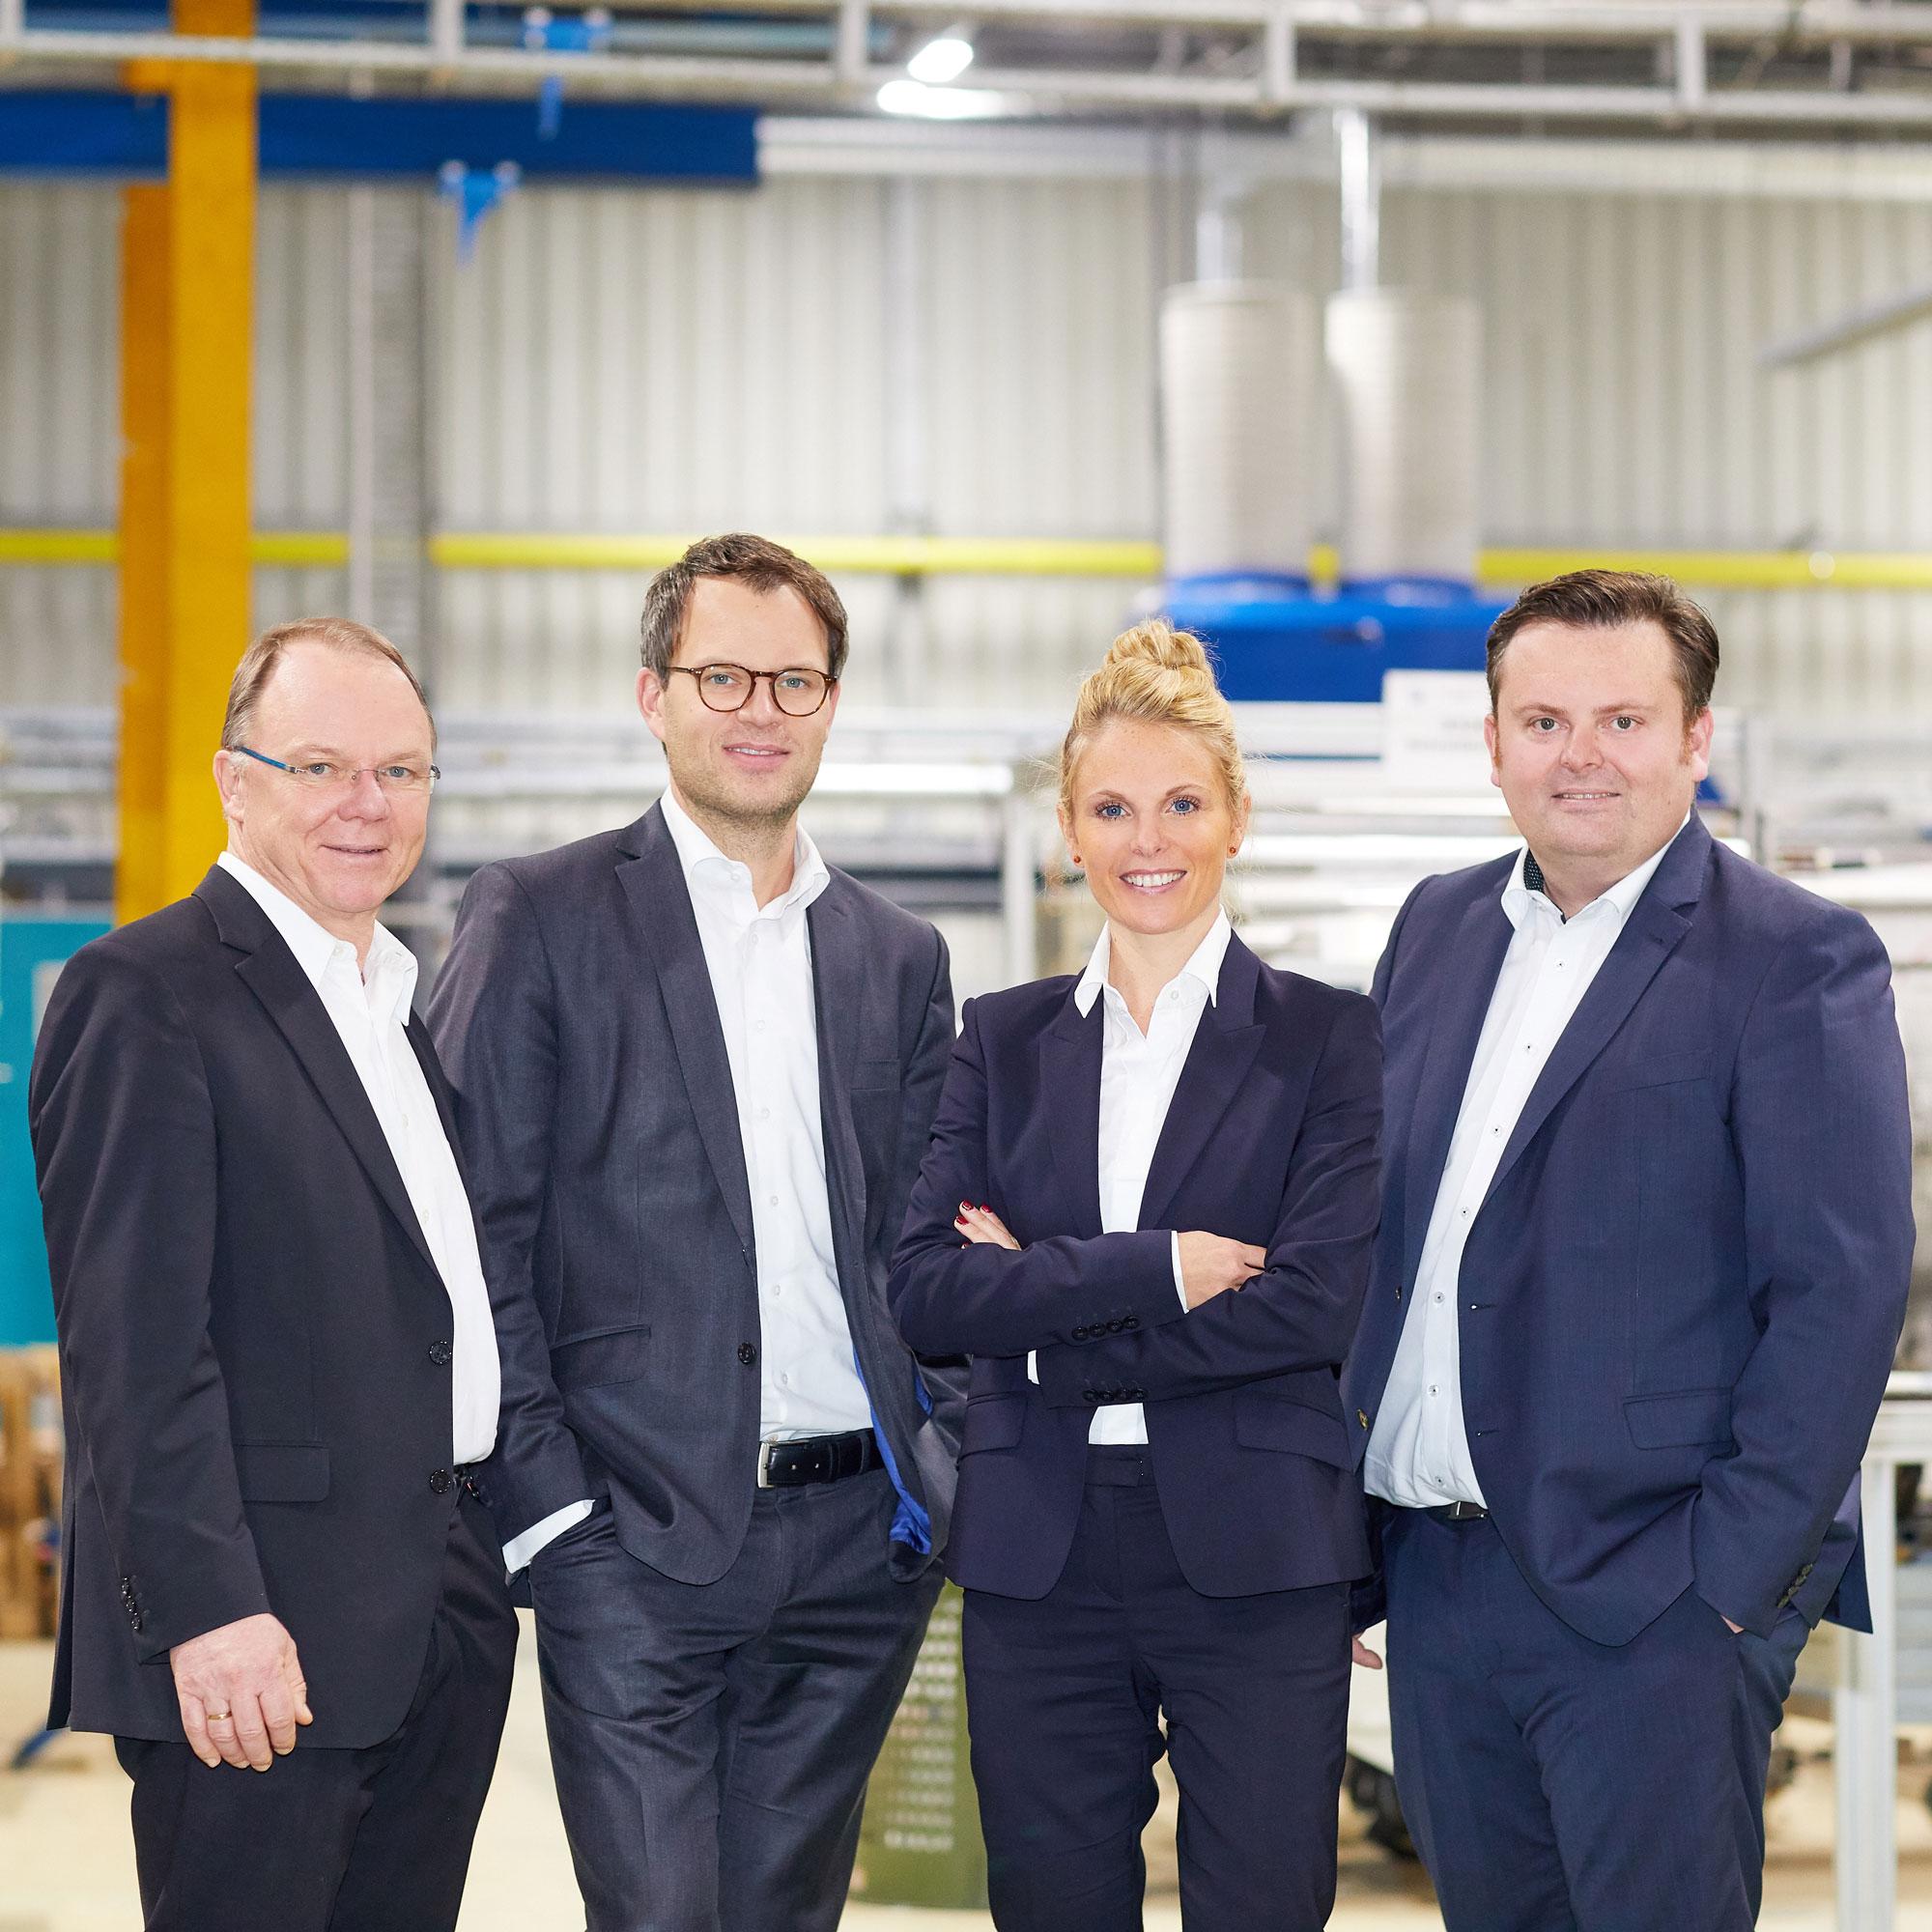 Unsere Geschäftsführung: Jörg Horn, Dominikus Pohl, Julia Pohl und Björn Bauer